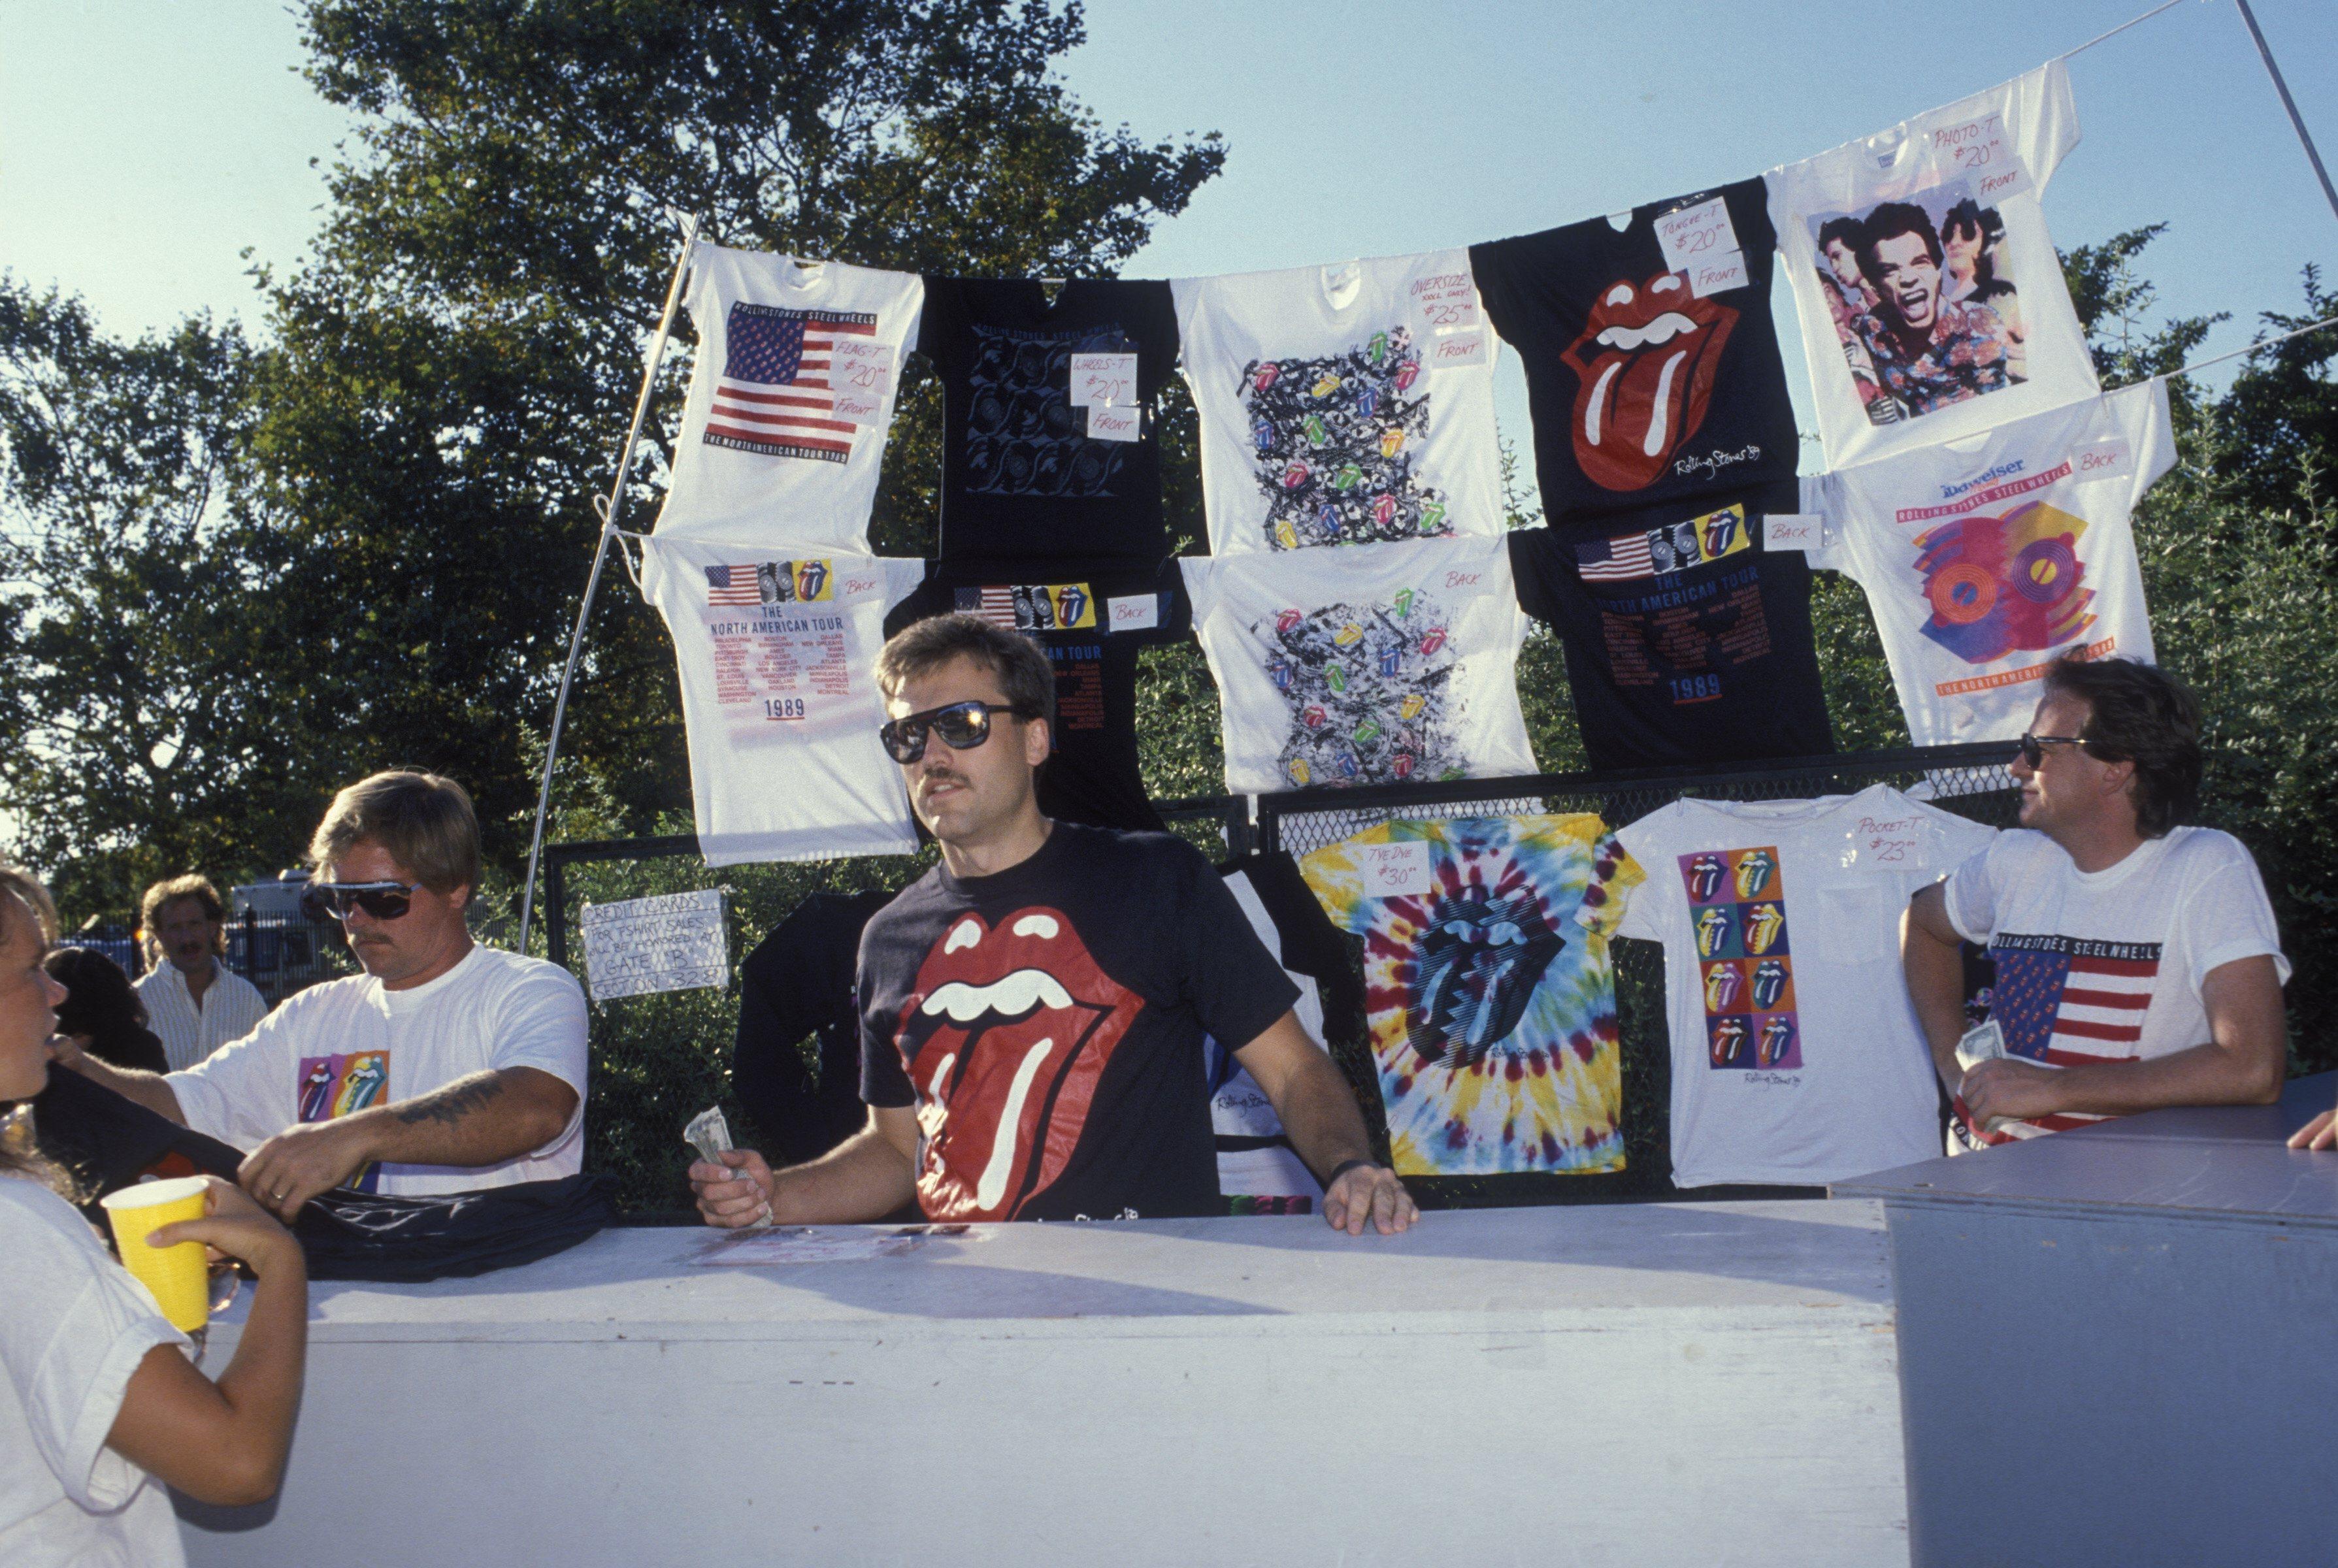 Concert t-shirt vendors